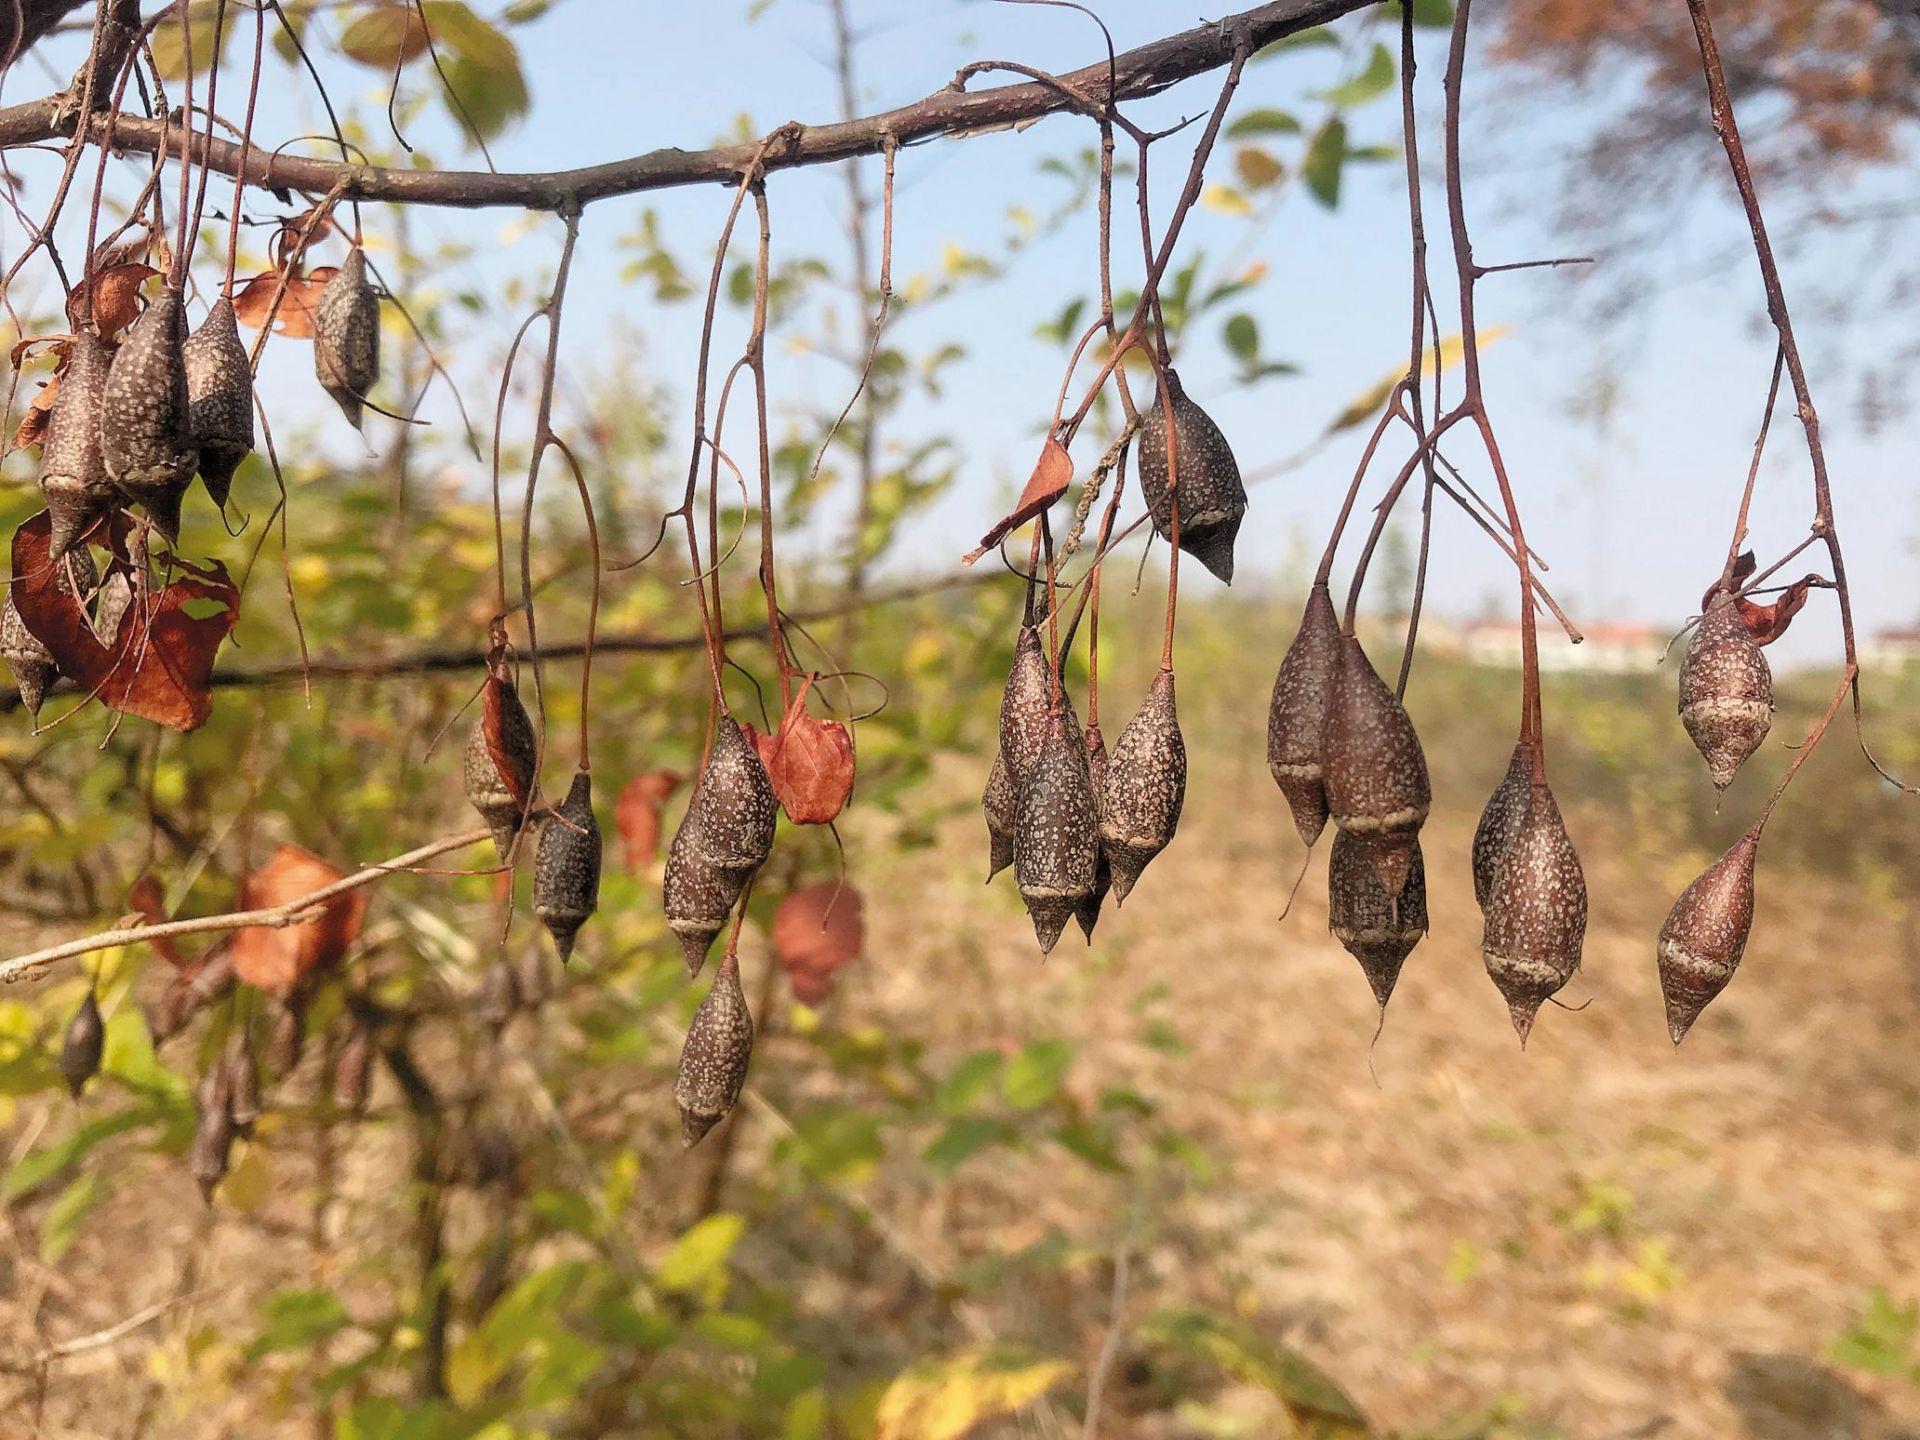 世界唯一天然群落  黄梅秤锤树数量扩大一倍